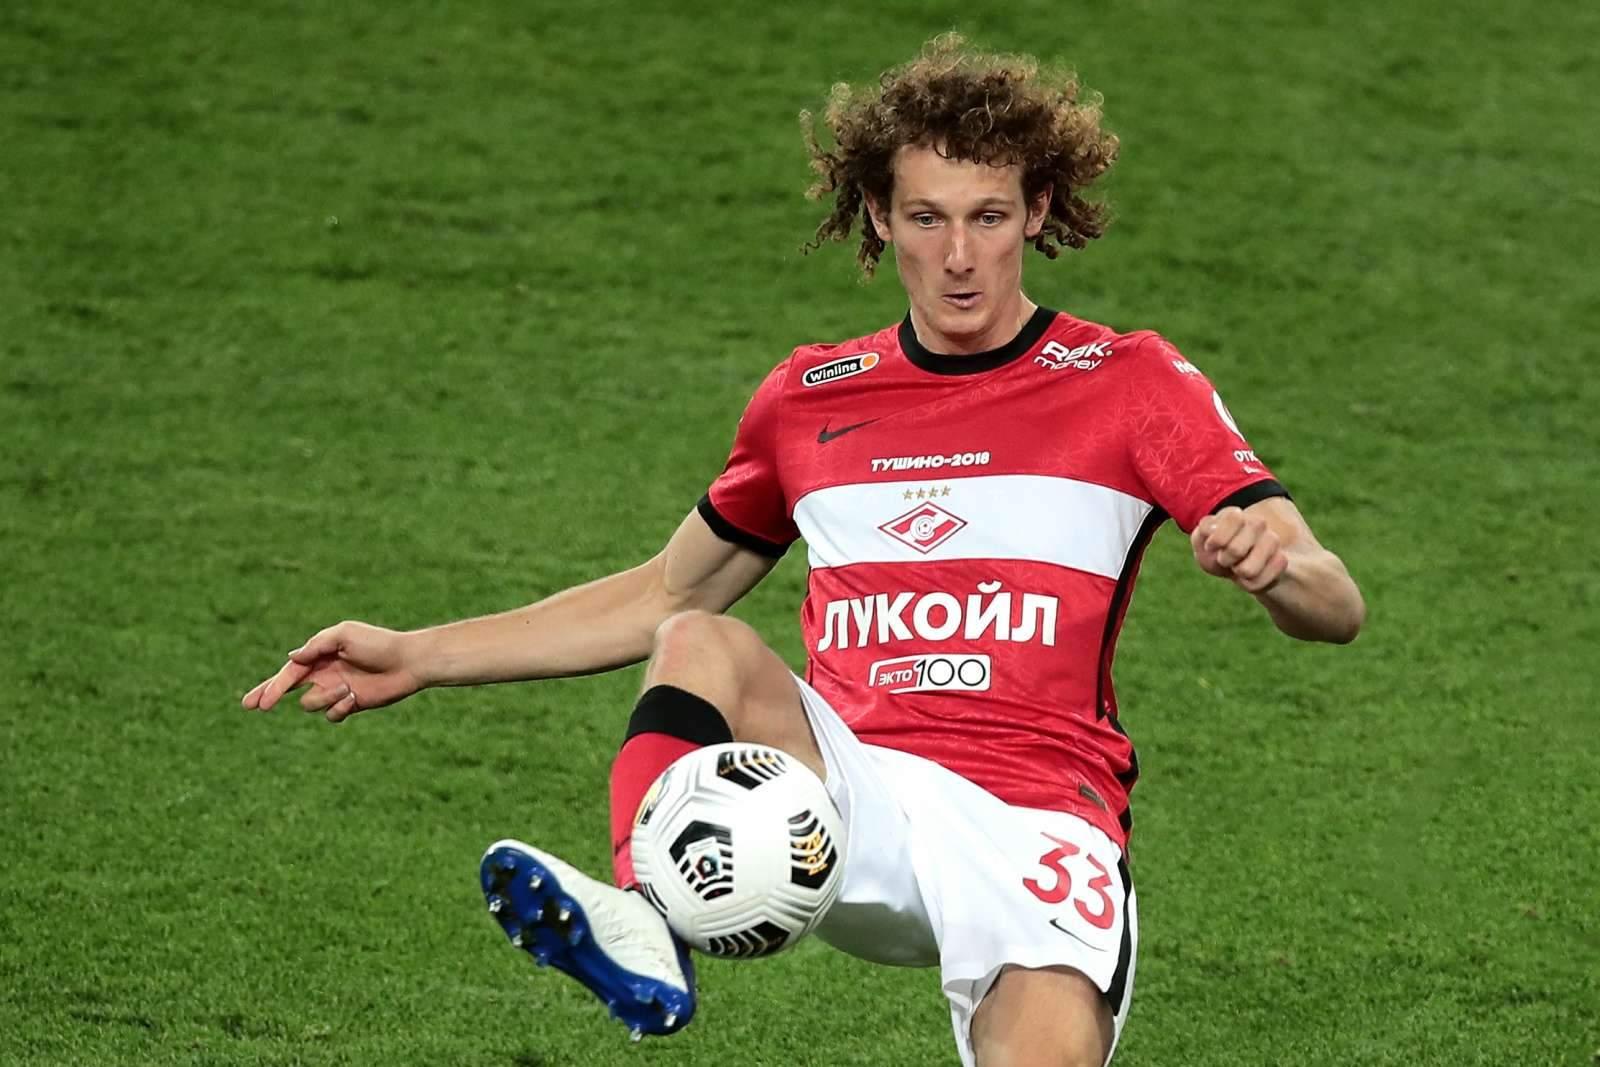 Крал: «Играть в АПЛ – мечта, но сейчас я сконцентрирован на «Спартаке»